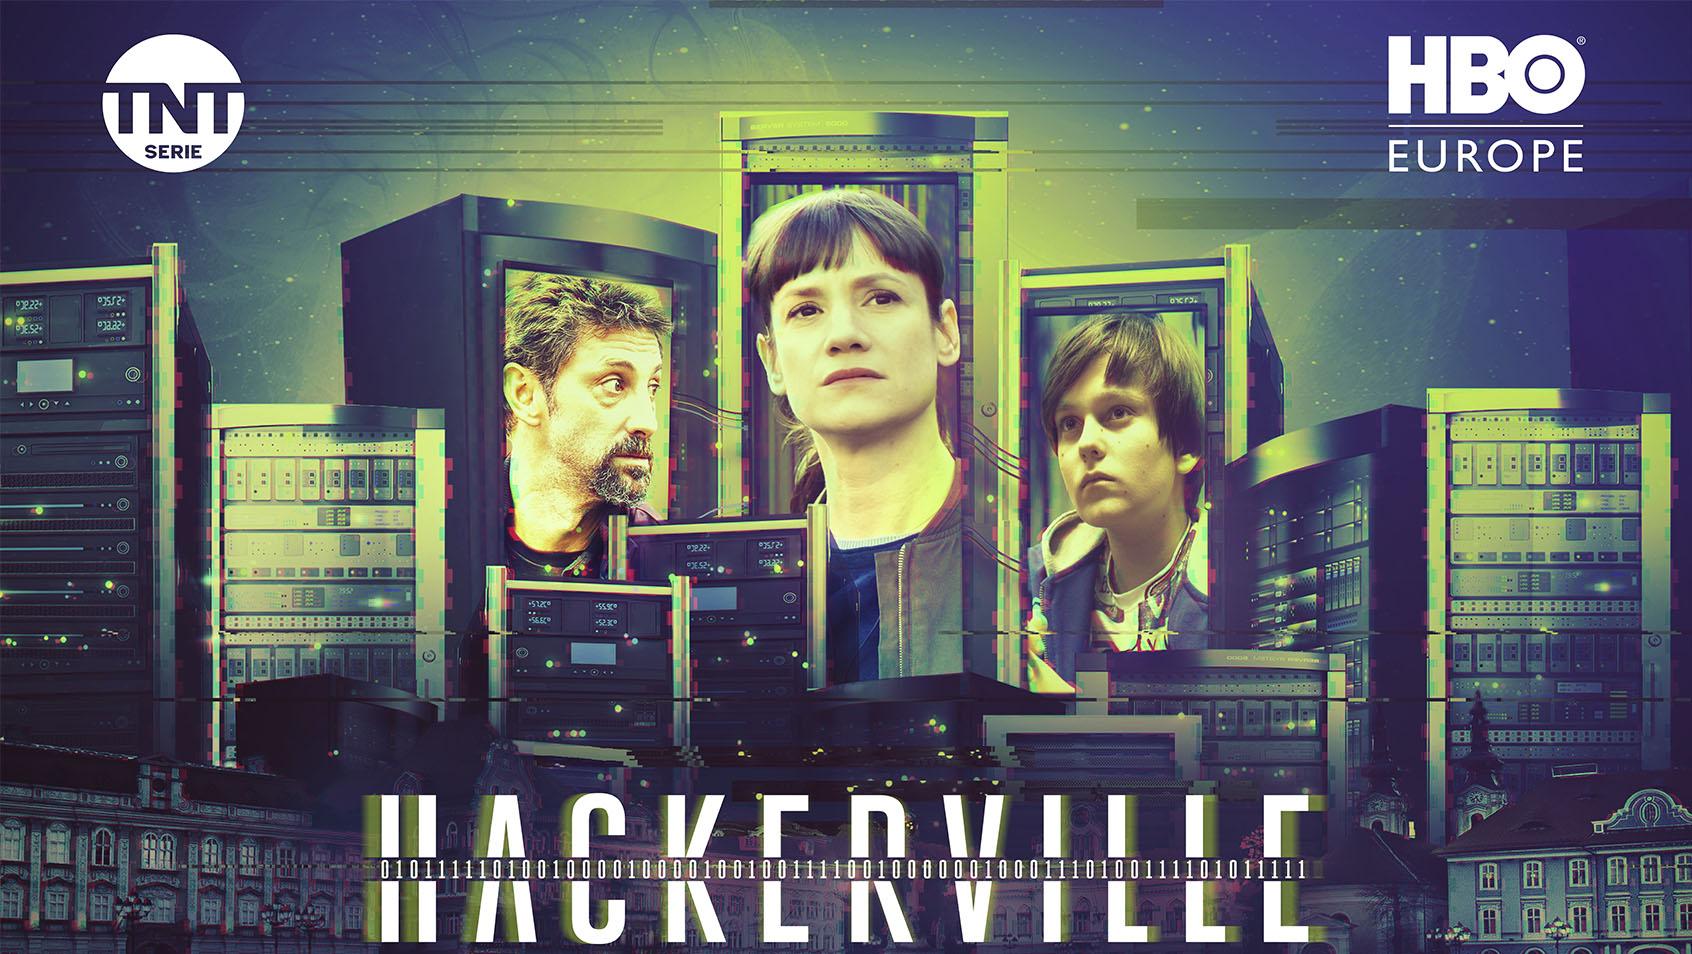 Hackerville - KeyArt